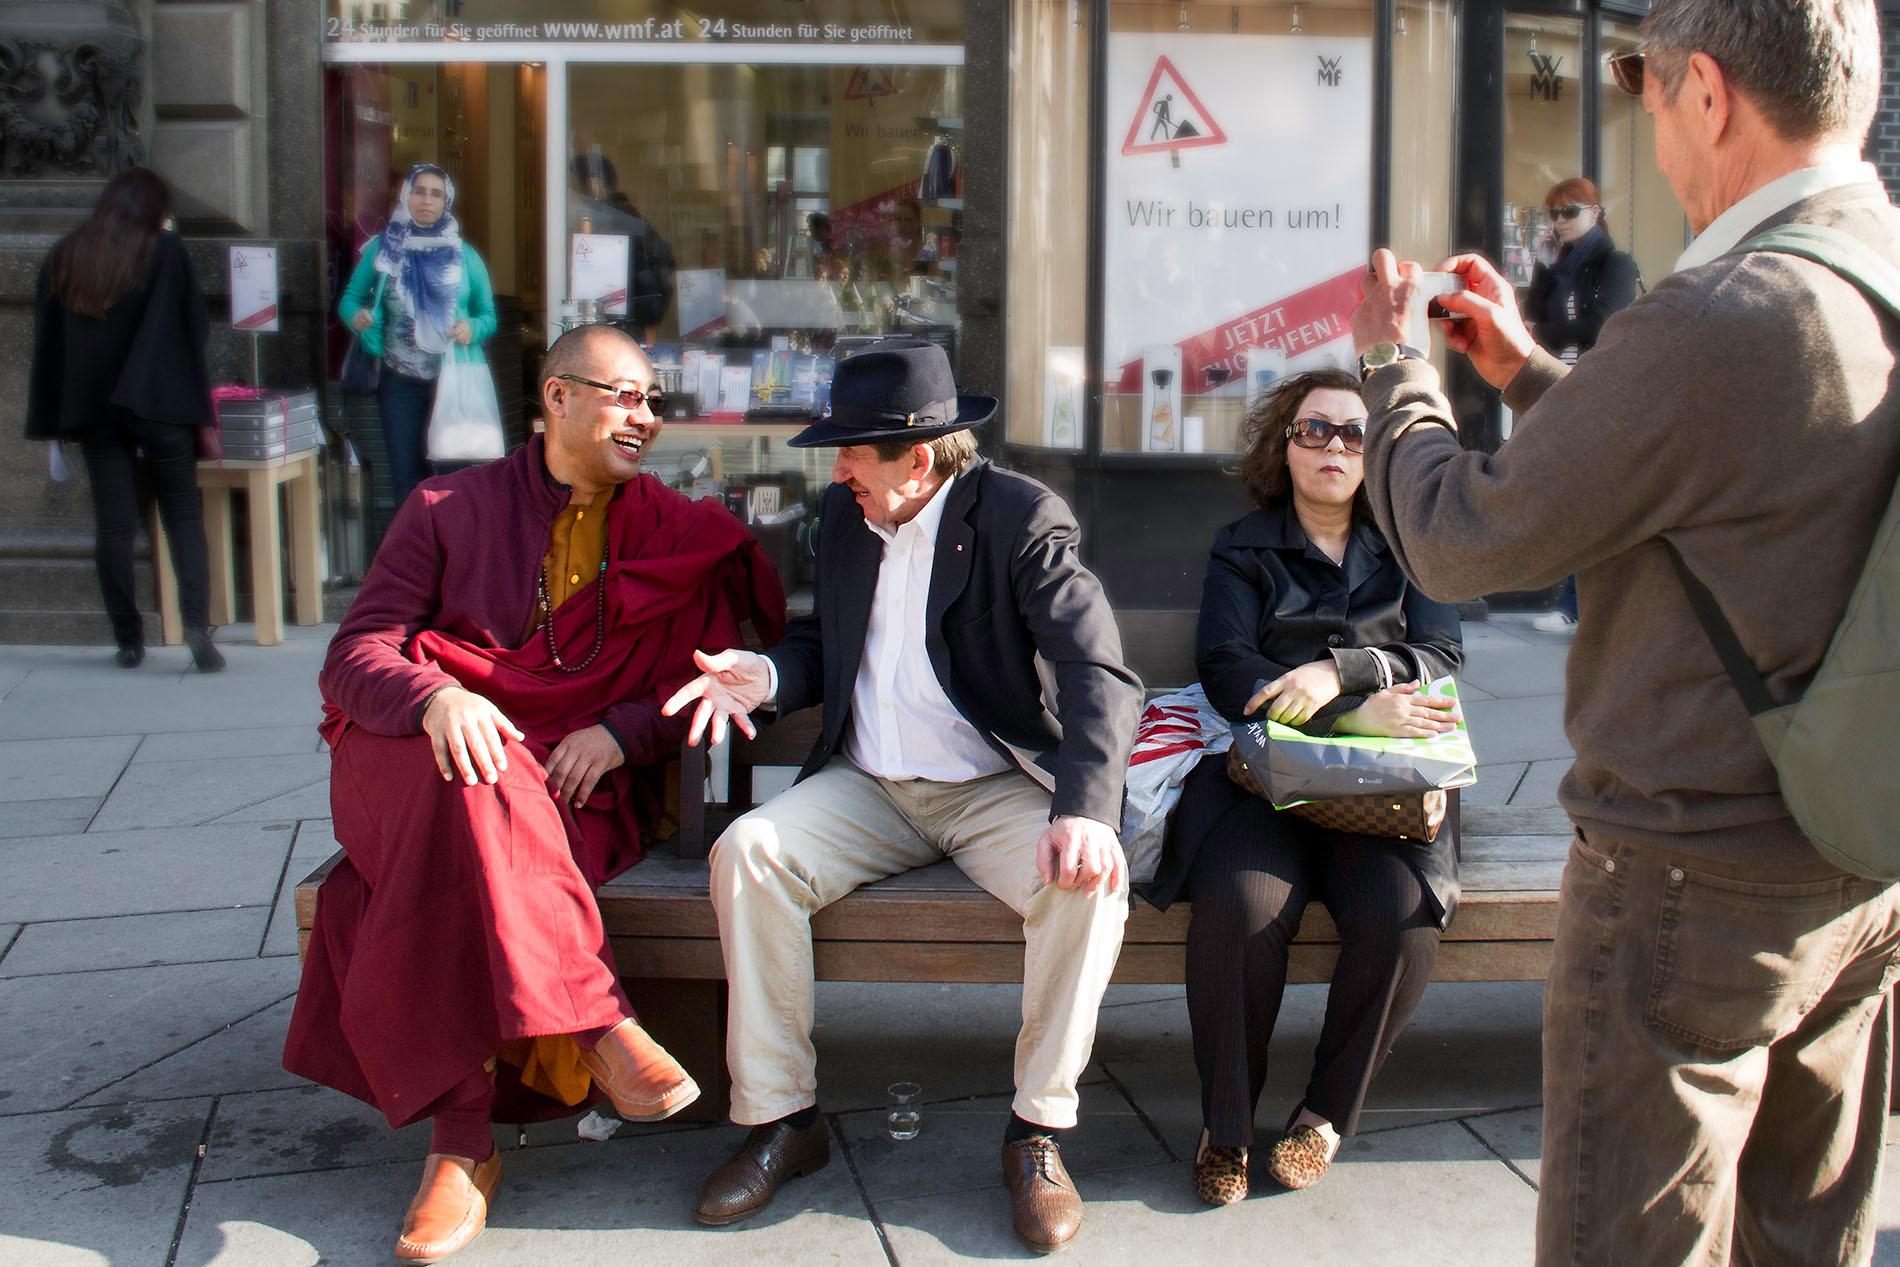 Mönch wird von Touristen fotografiert